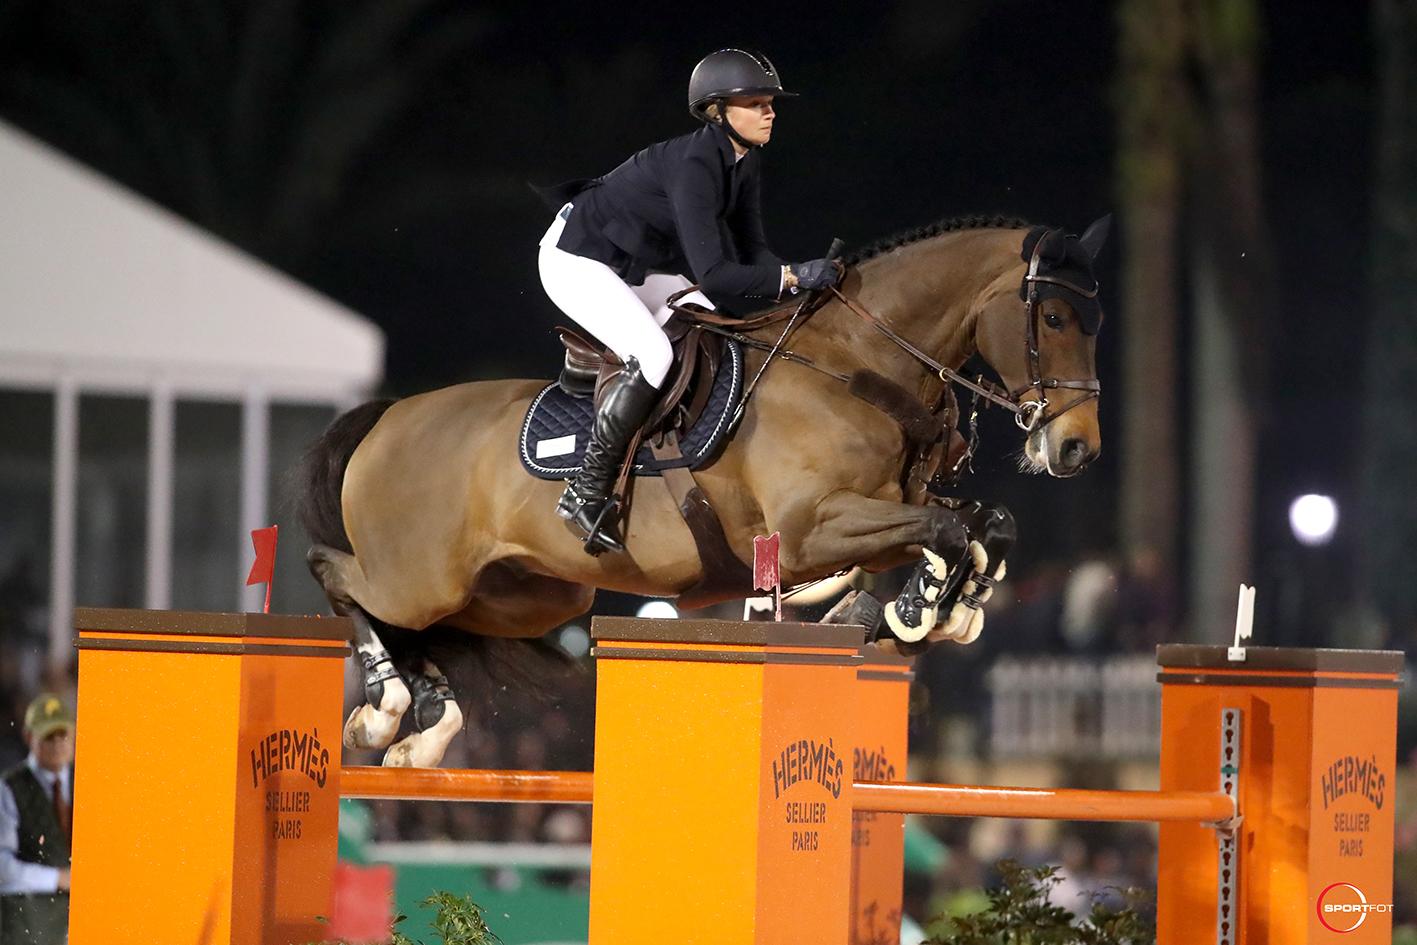 Lillie Keenan Skyhorse 296_4738 Sportfot